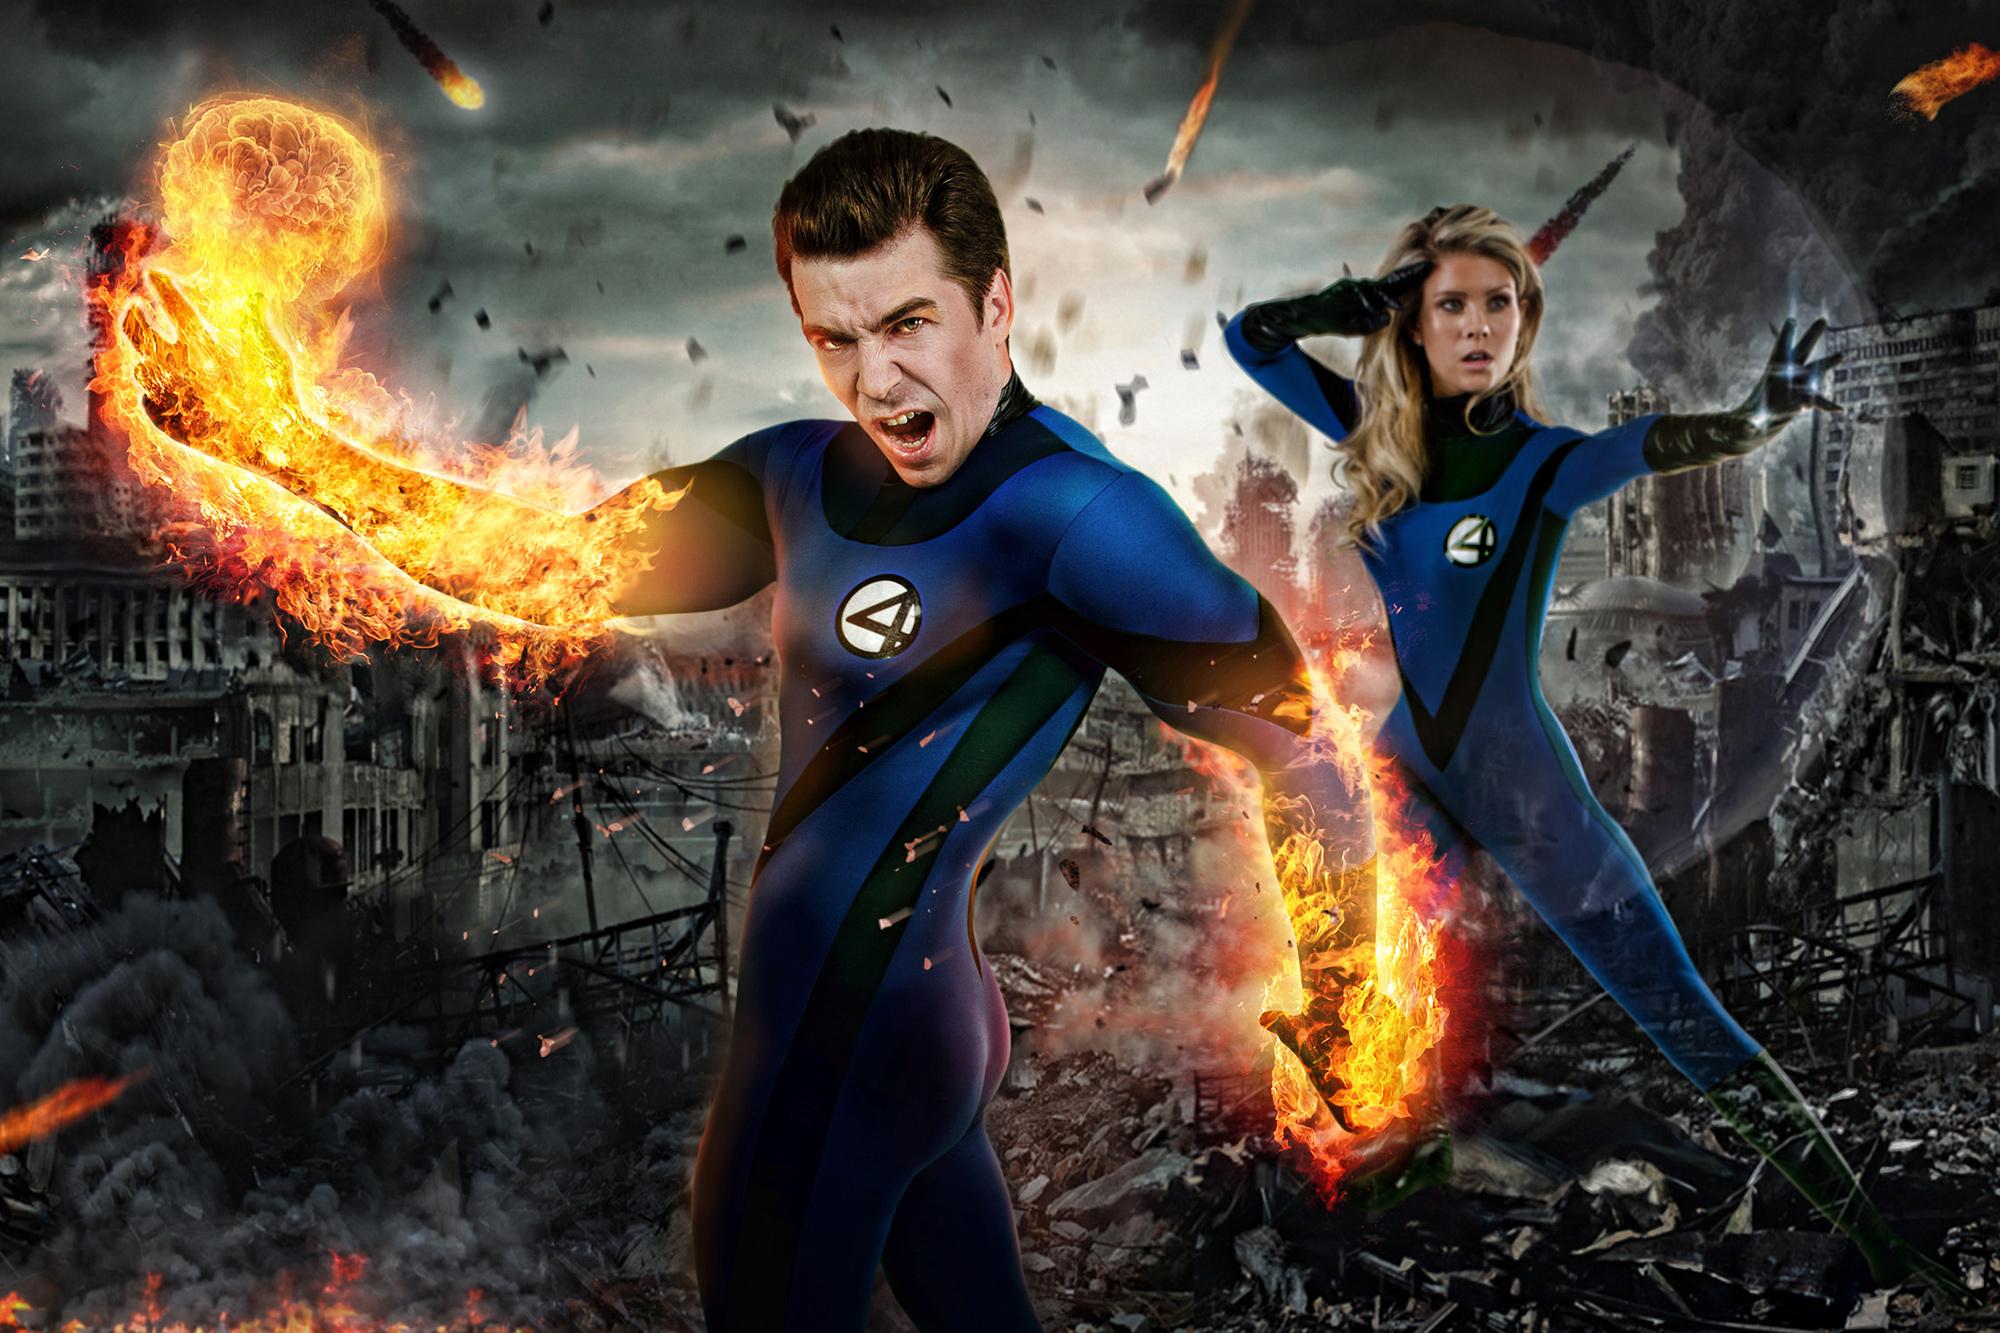 Tommy et Jessica en Fantastic 4